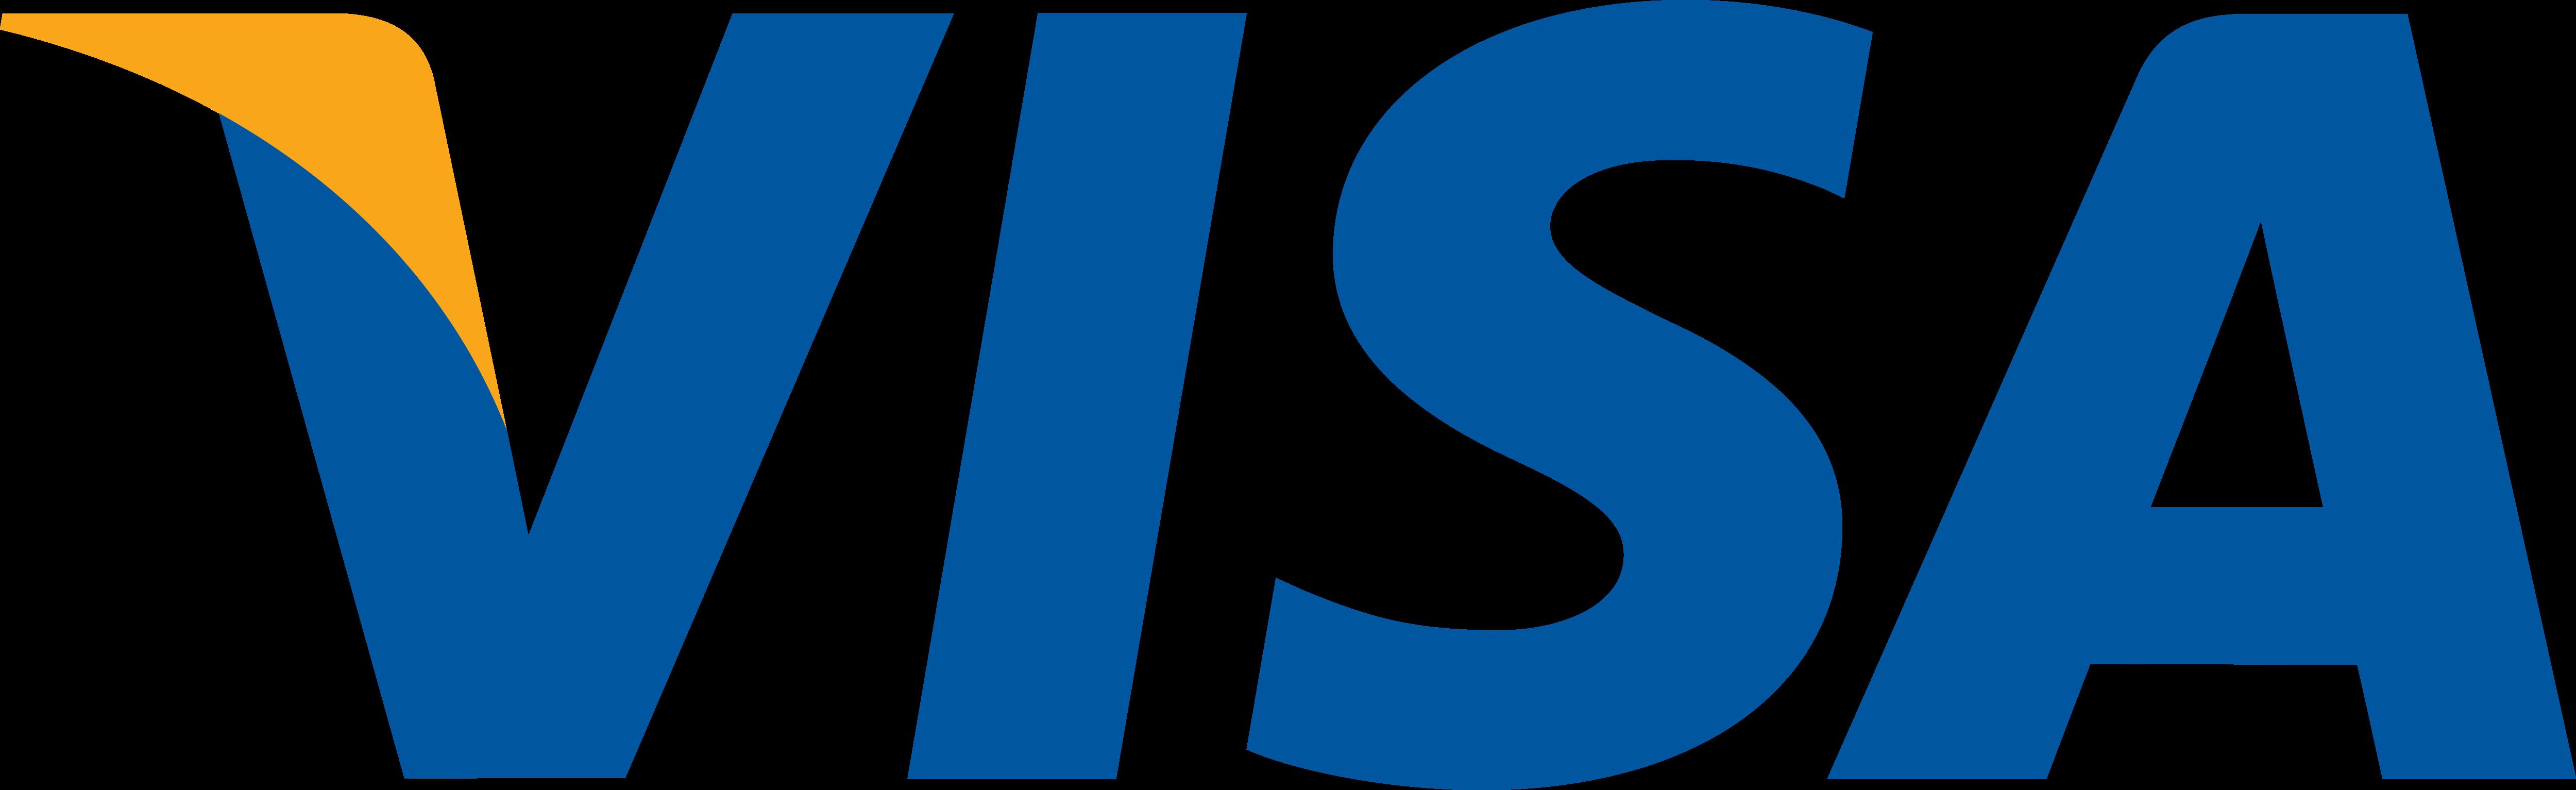 visa card logo #2020